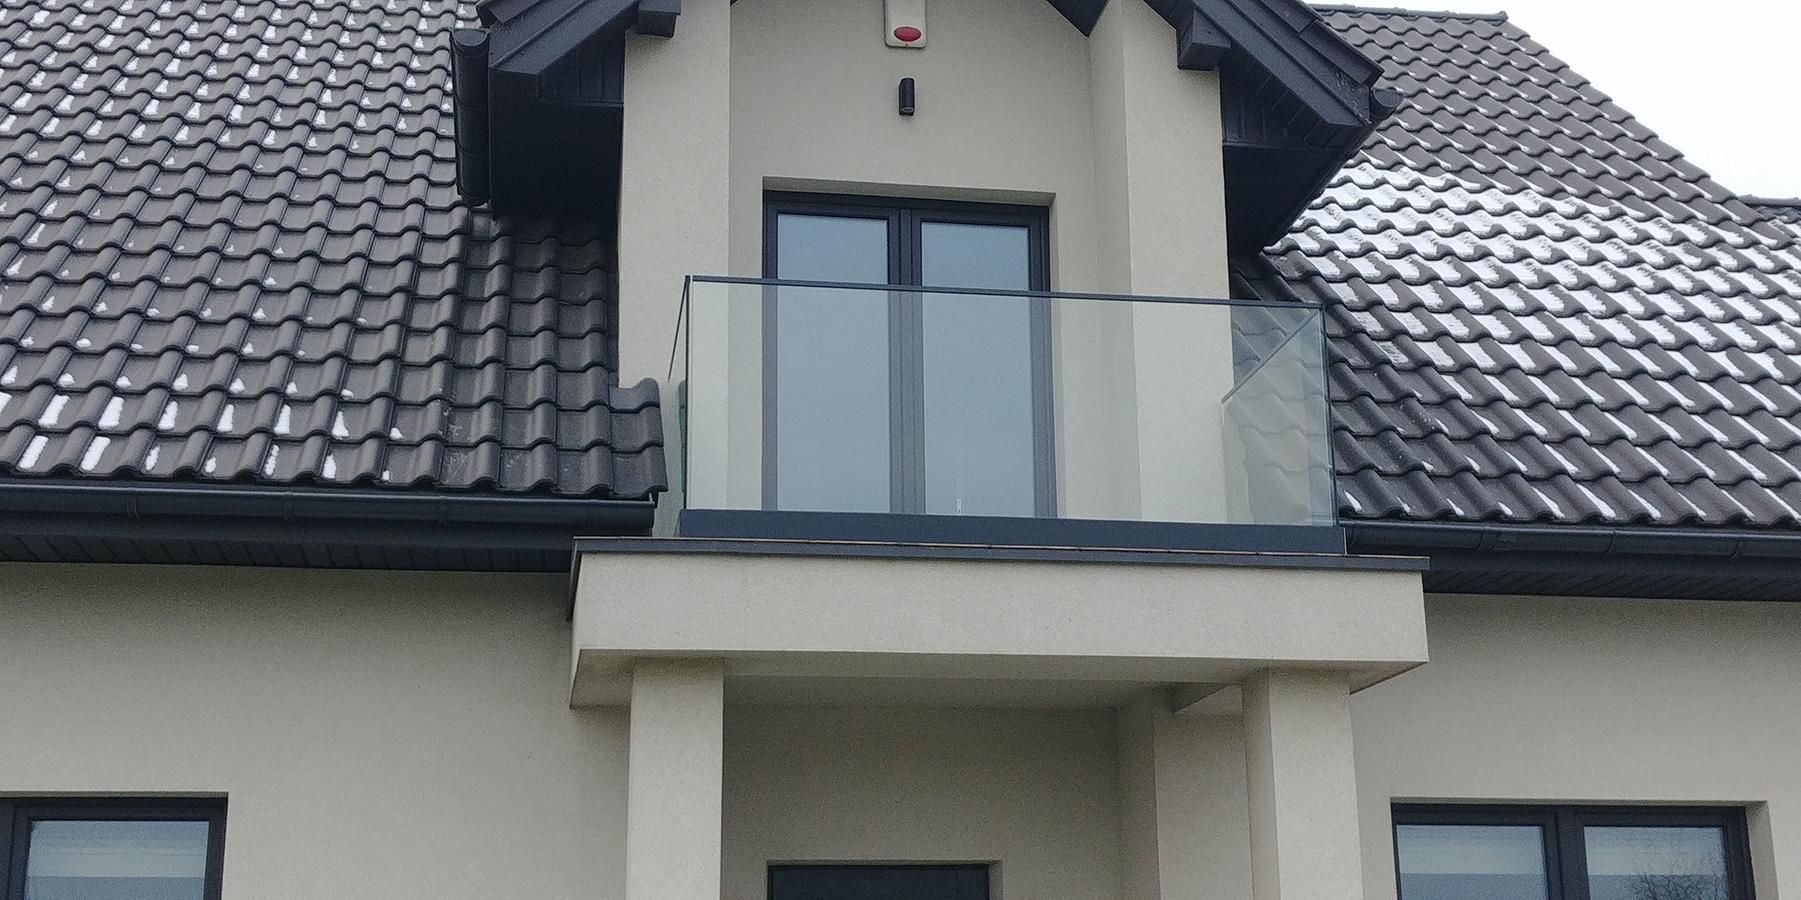 Balustrada montowana w profilu aluminiowym